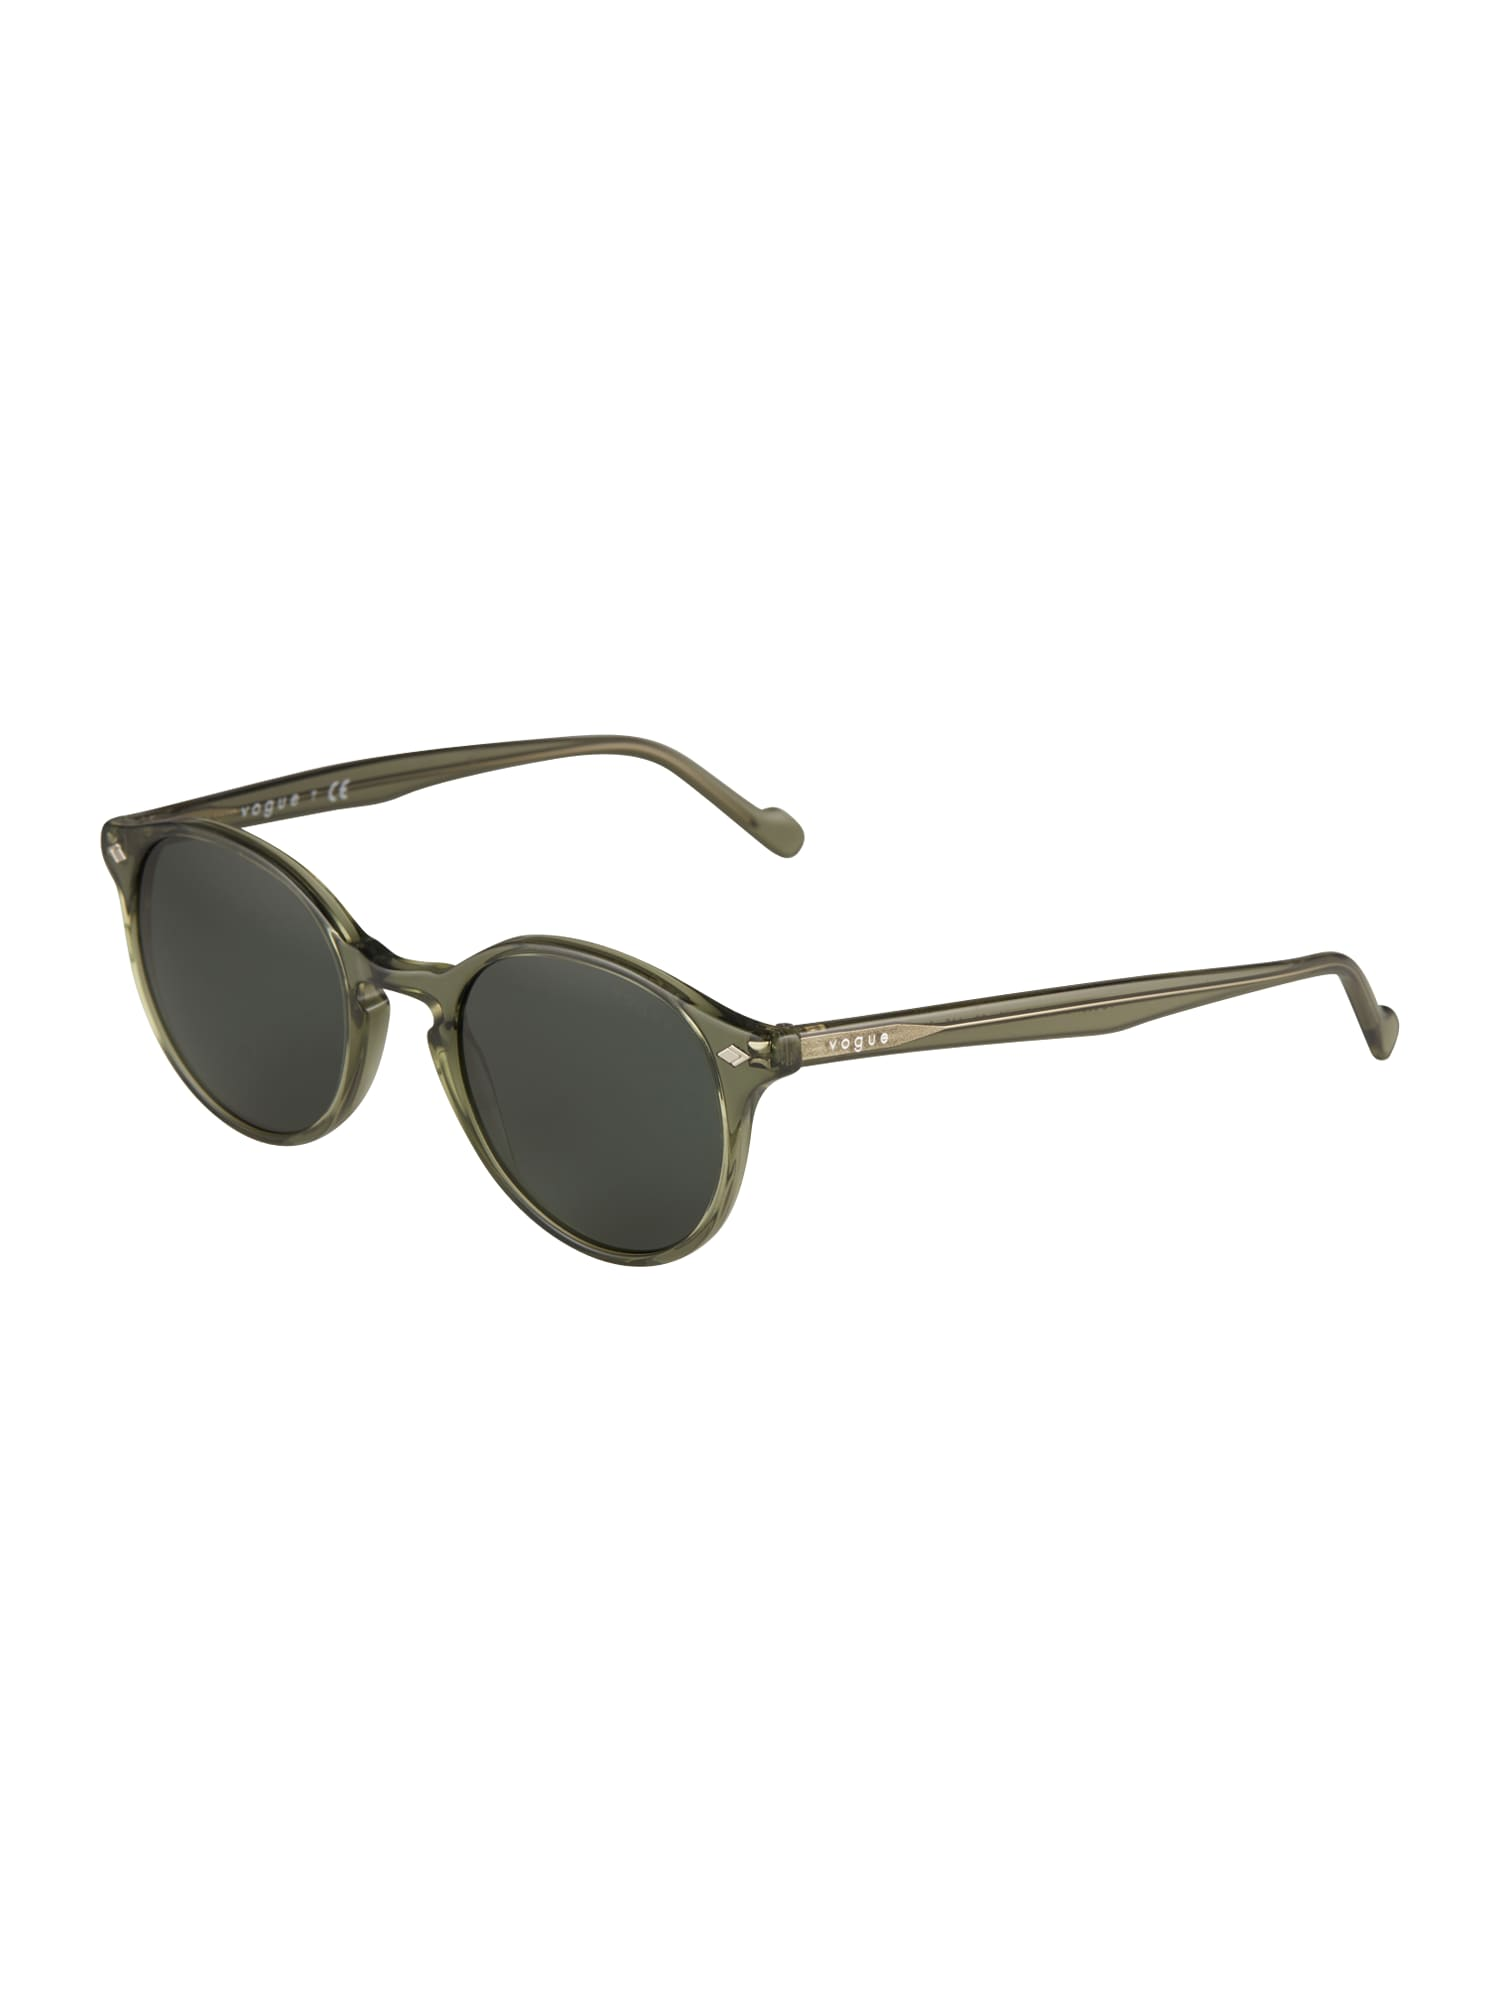 VOGUE Eyewear Akiniai nuo saulės rausvai pilka